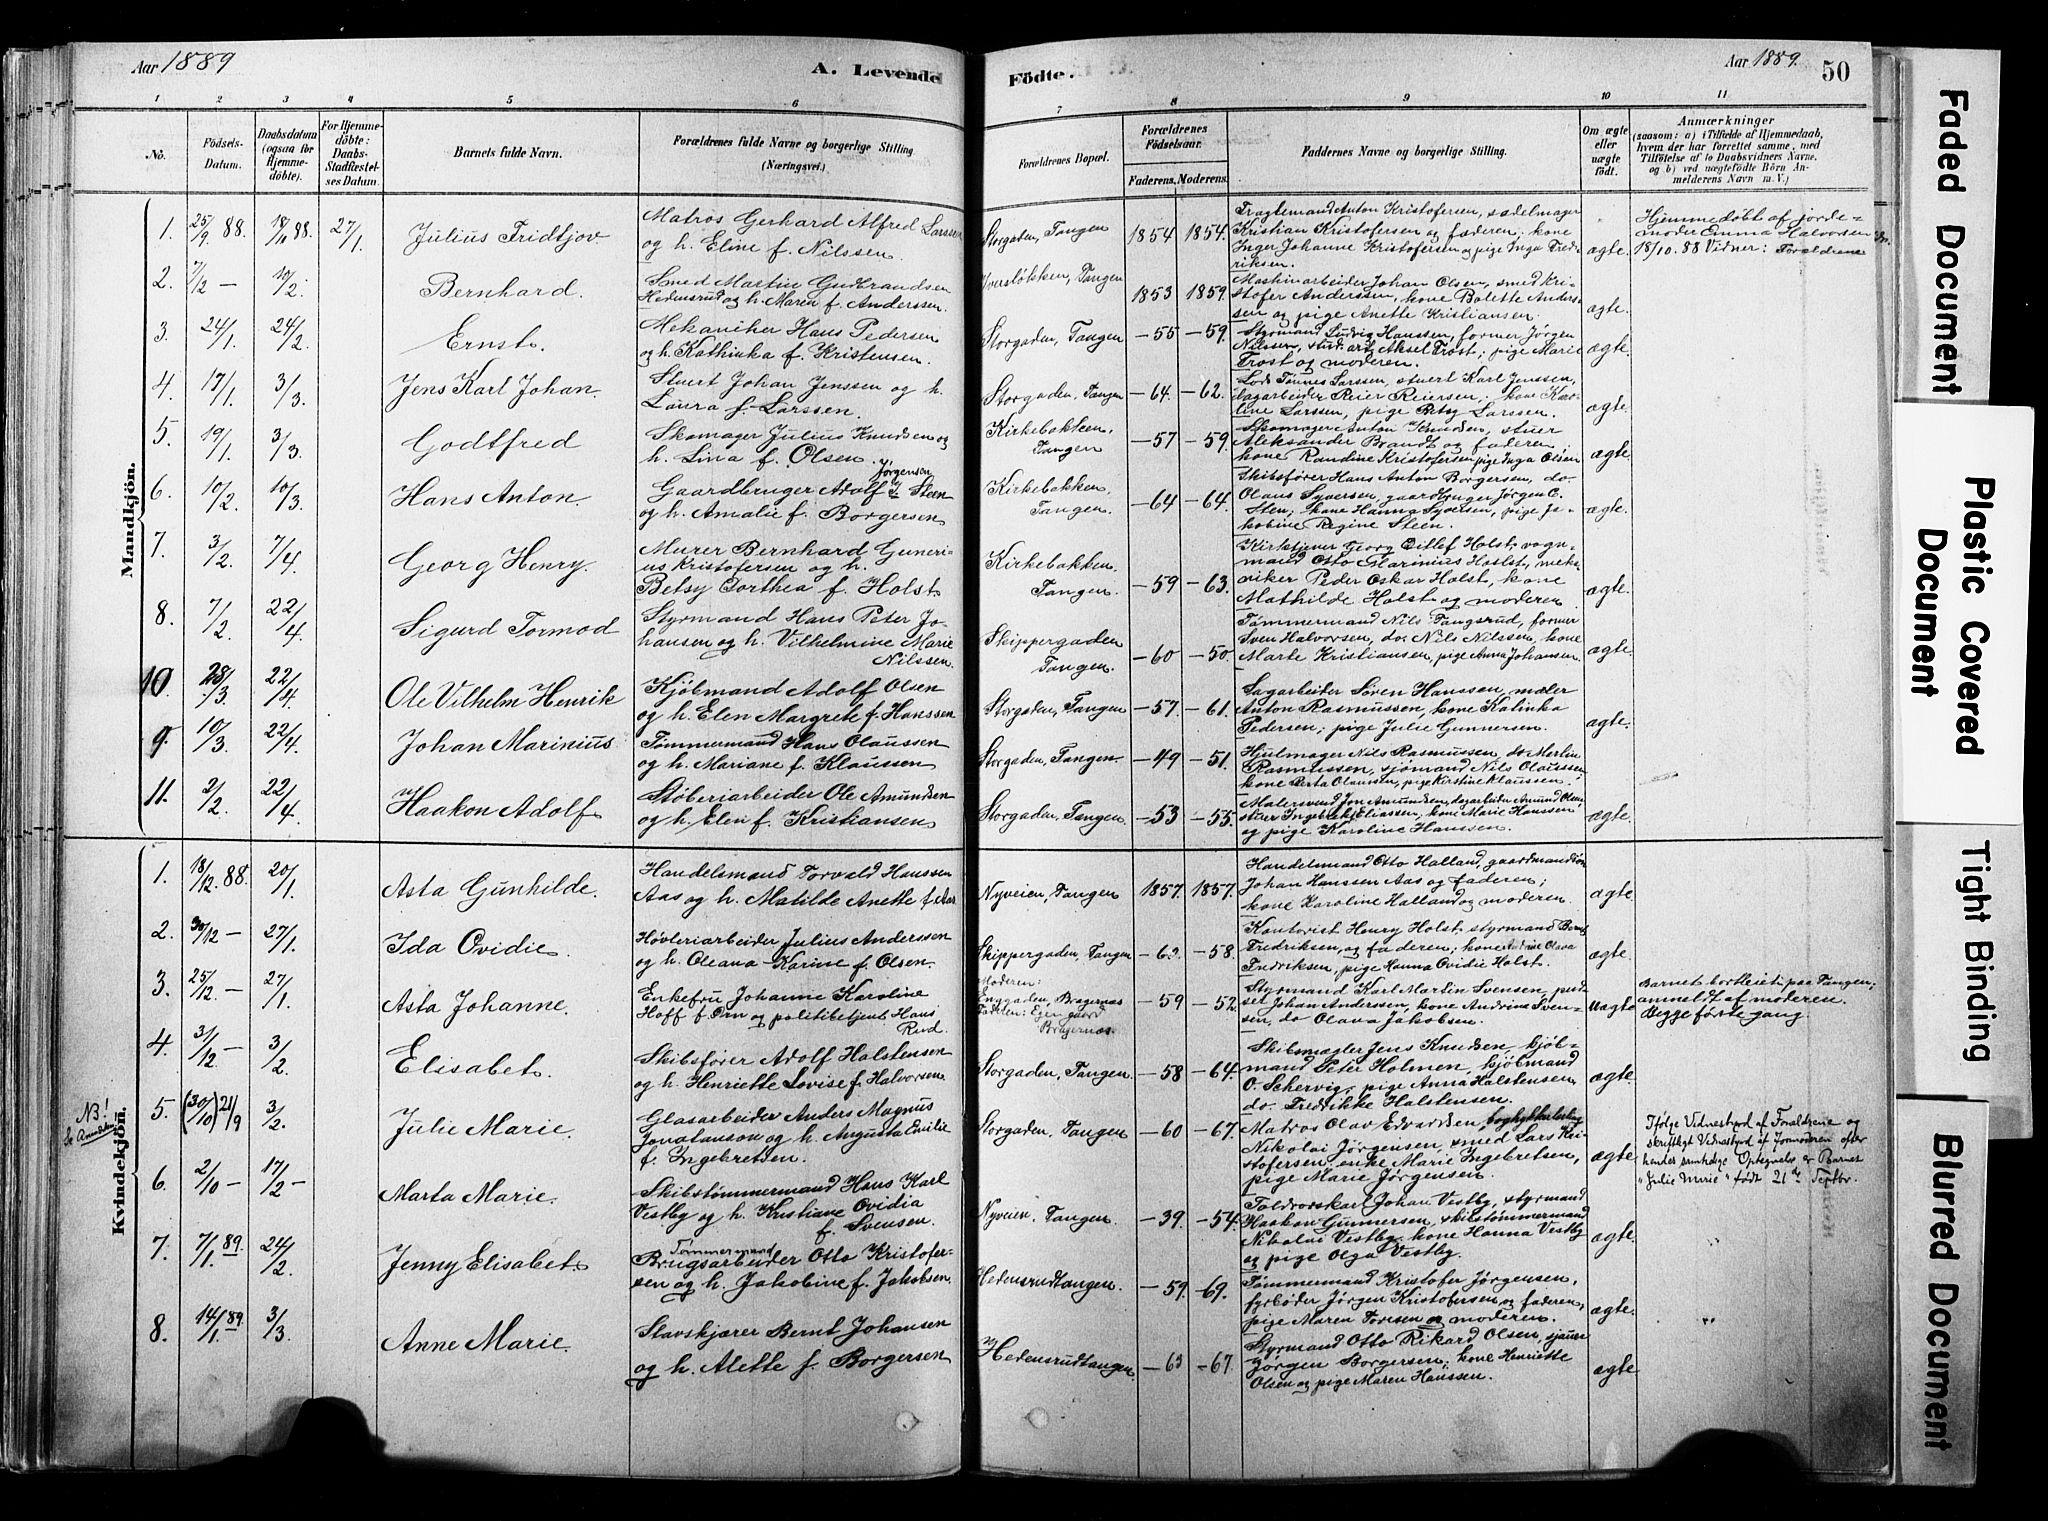 SAKO, Strømsø kirkebøker, F/Fb/L0006: Ministerialbok nr. II 6, 1879-1910, s. 50